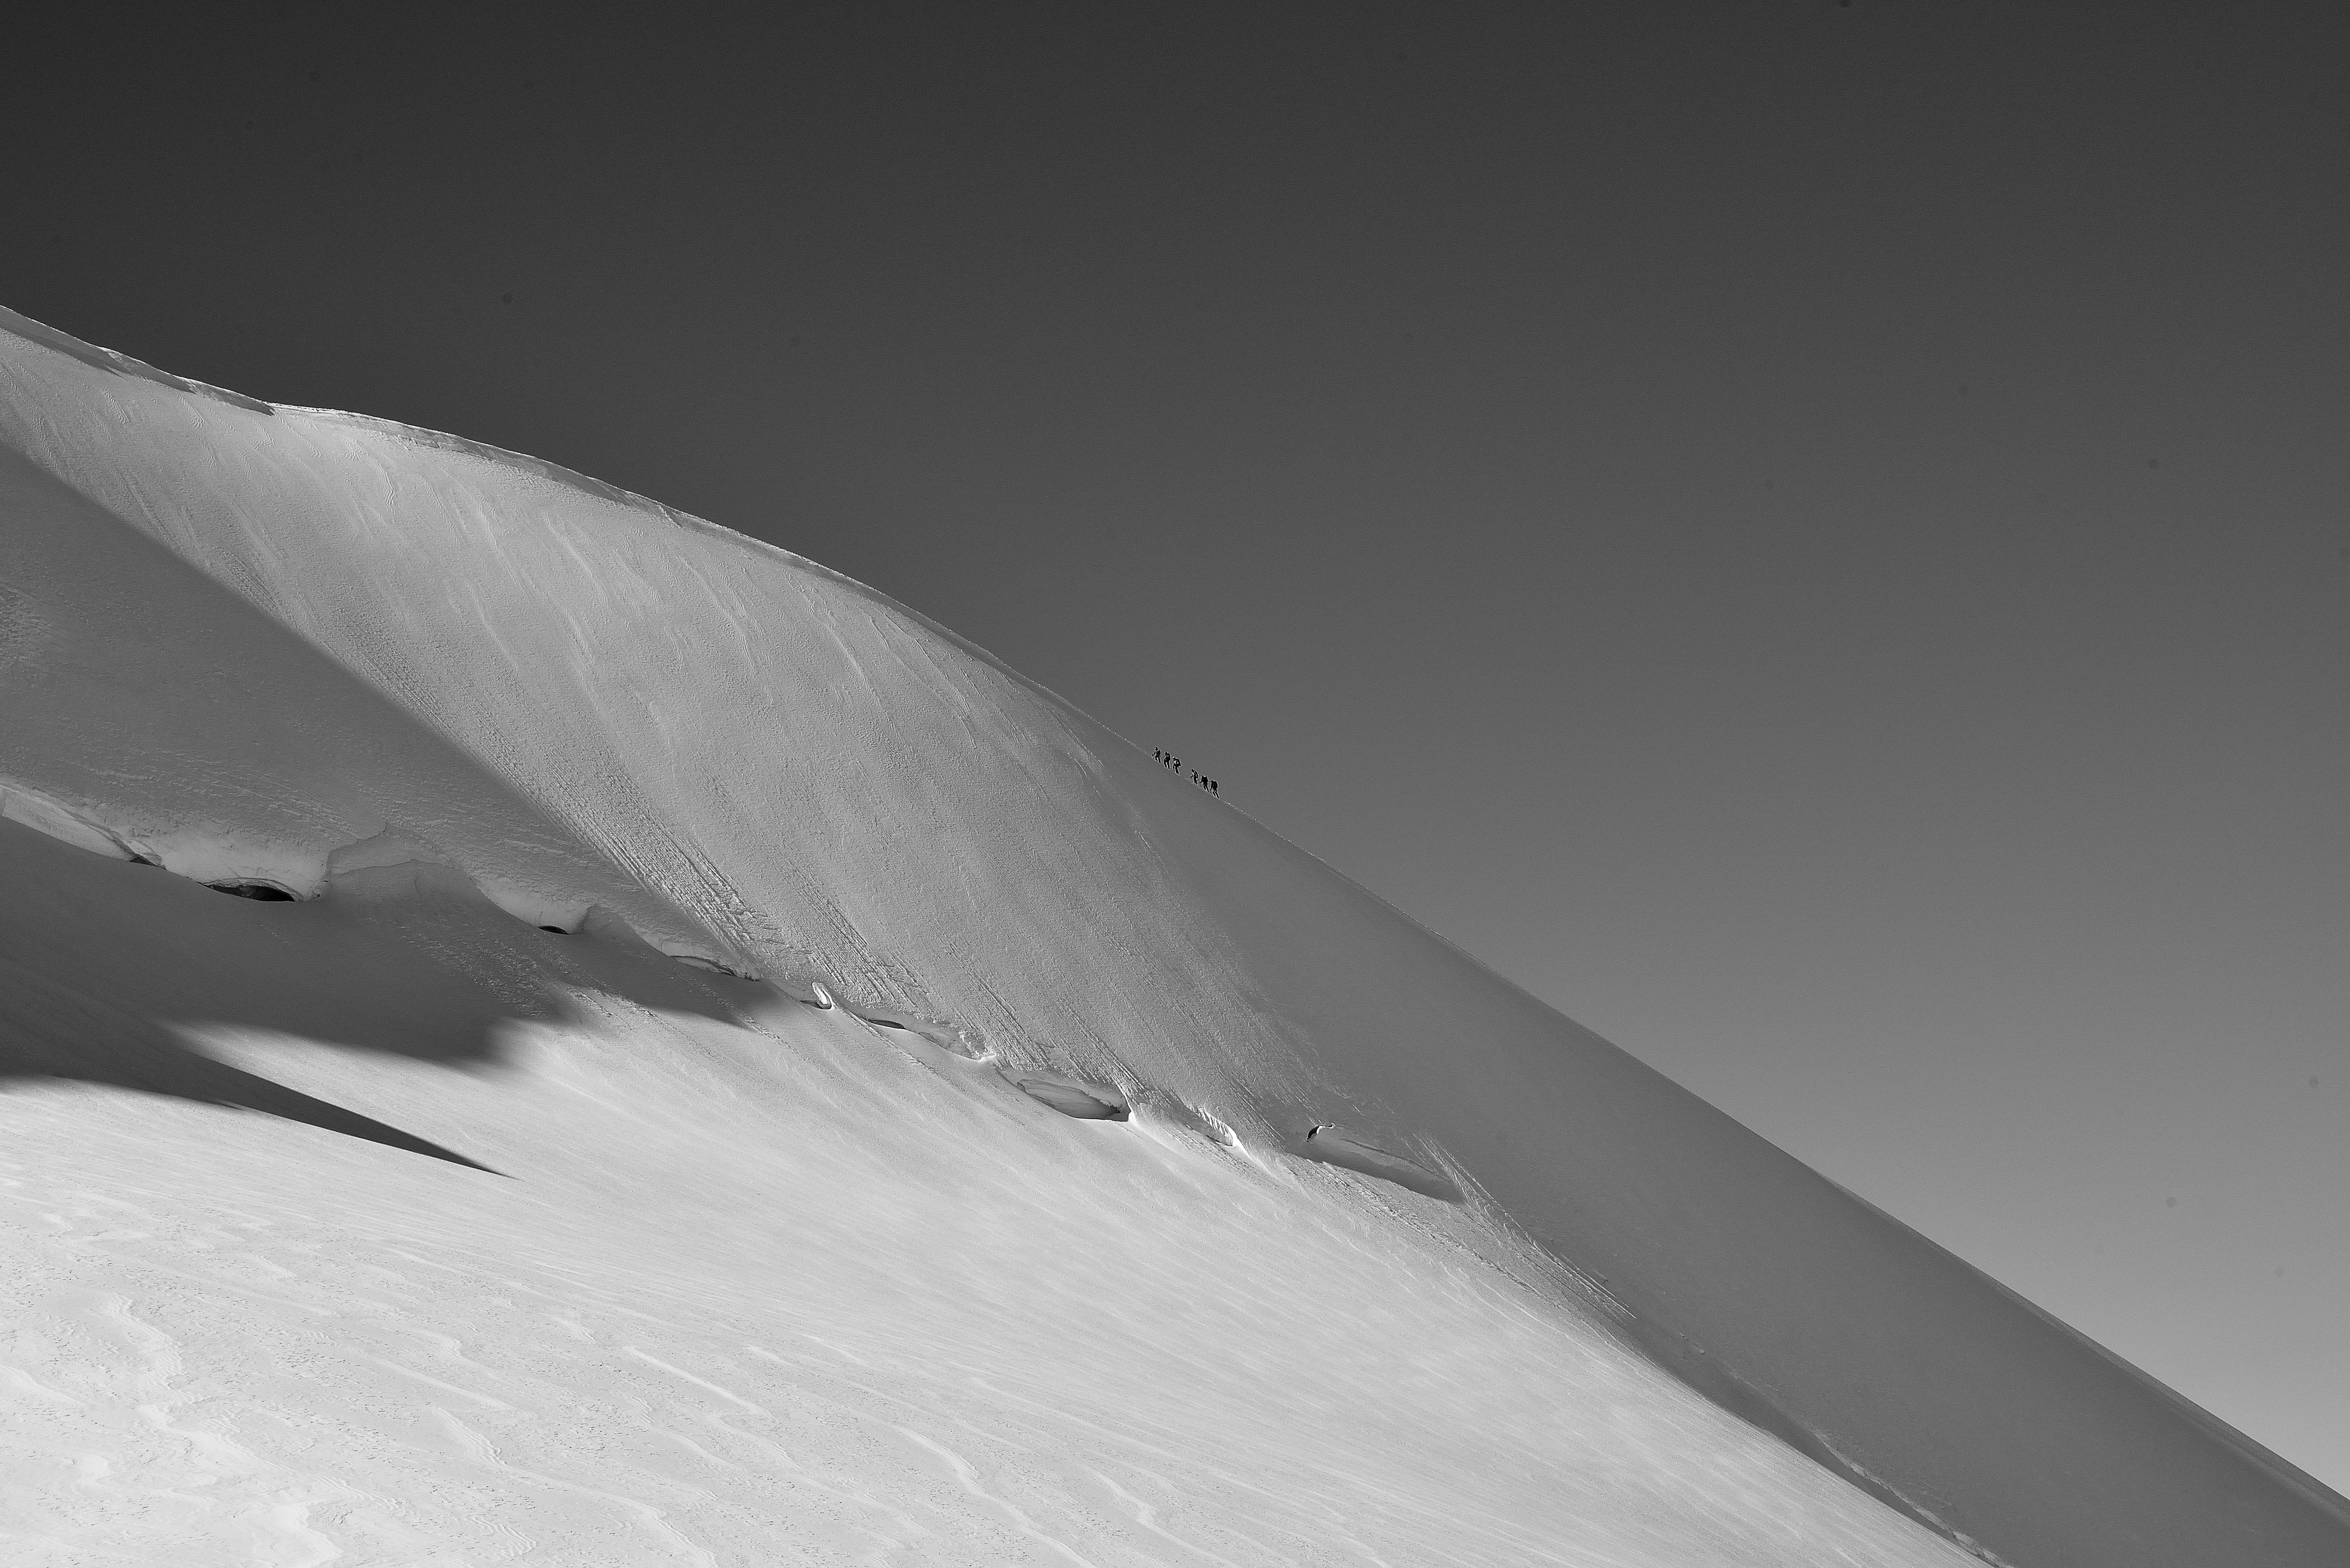 Schneegrat